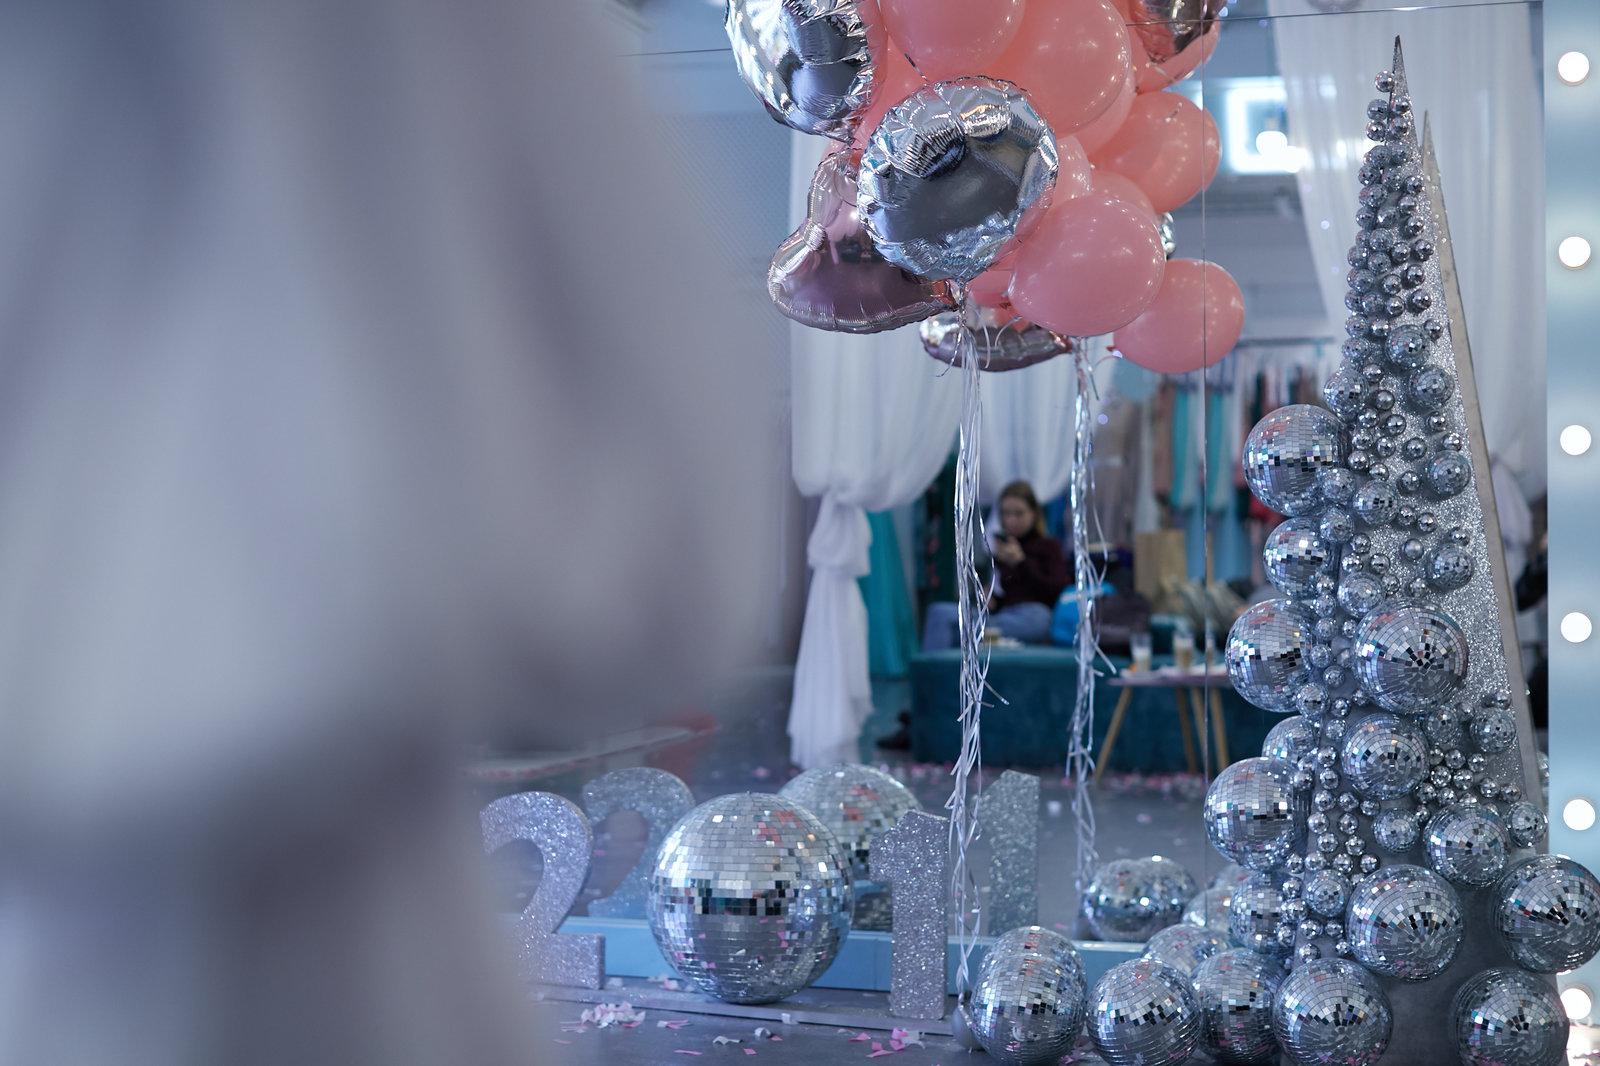 Масс-маркет бренд One by One устроил вечеринку в Oh My Look для любимых клиентов